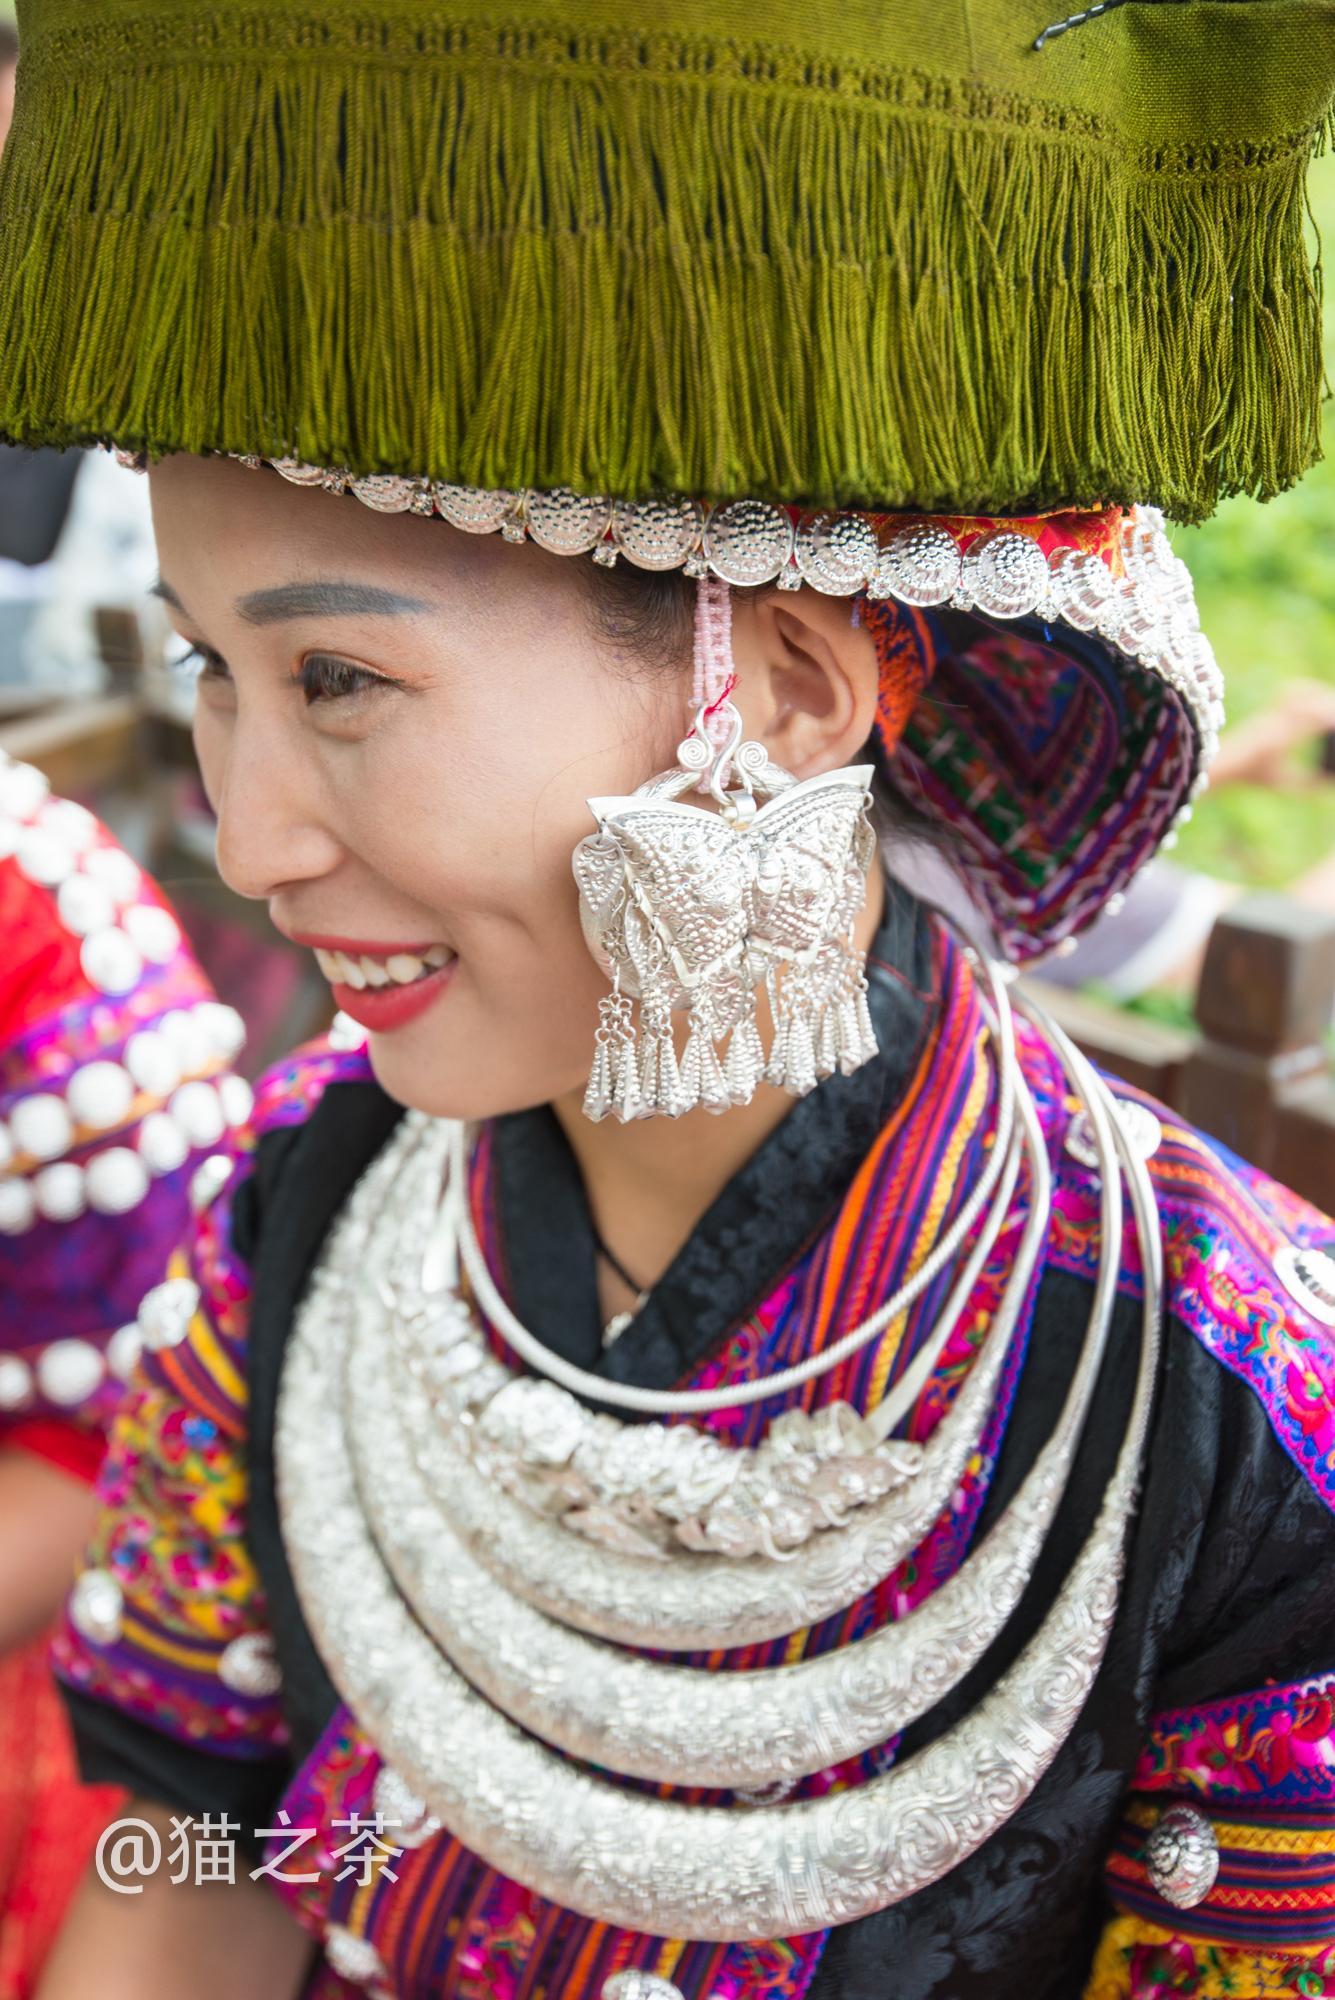 带绿帽子的苗族姑娘,竟然如此美丽!